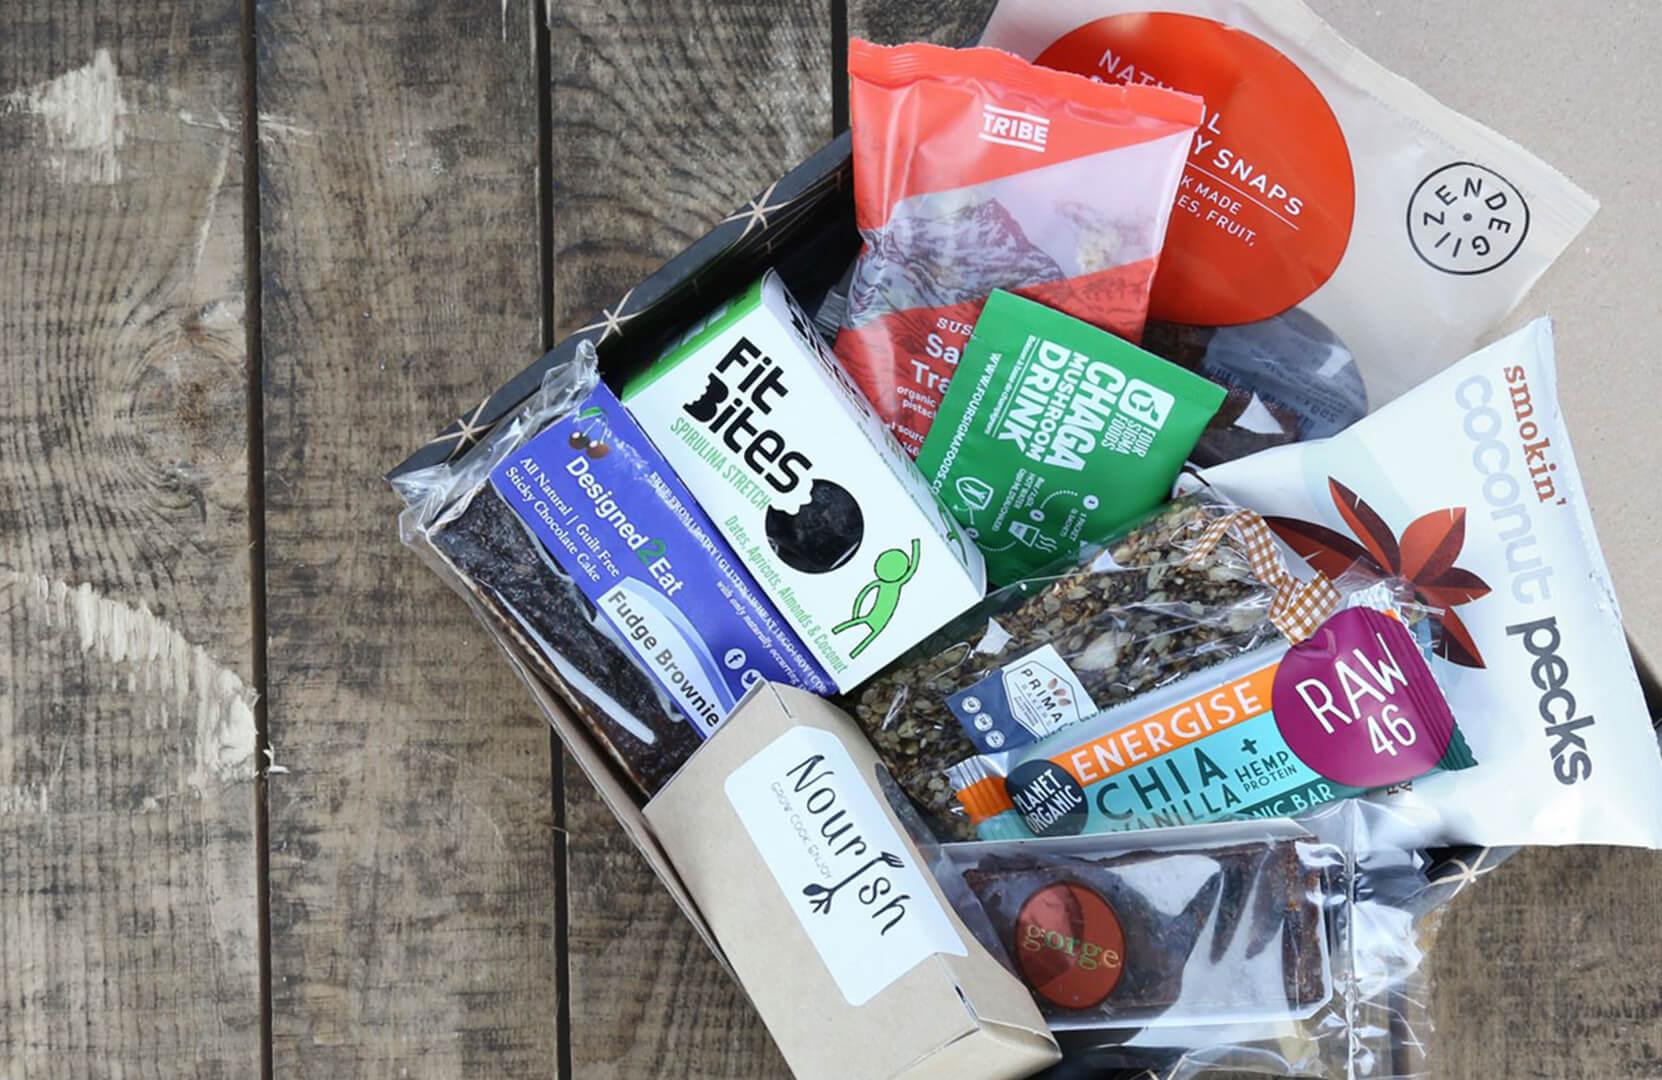 Primal snack box 4